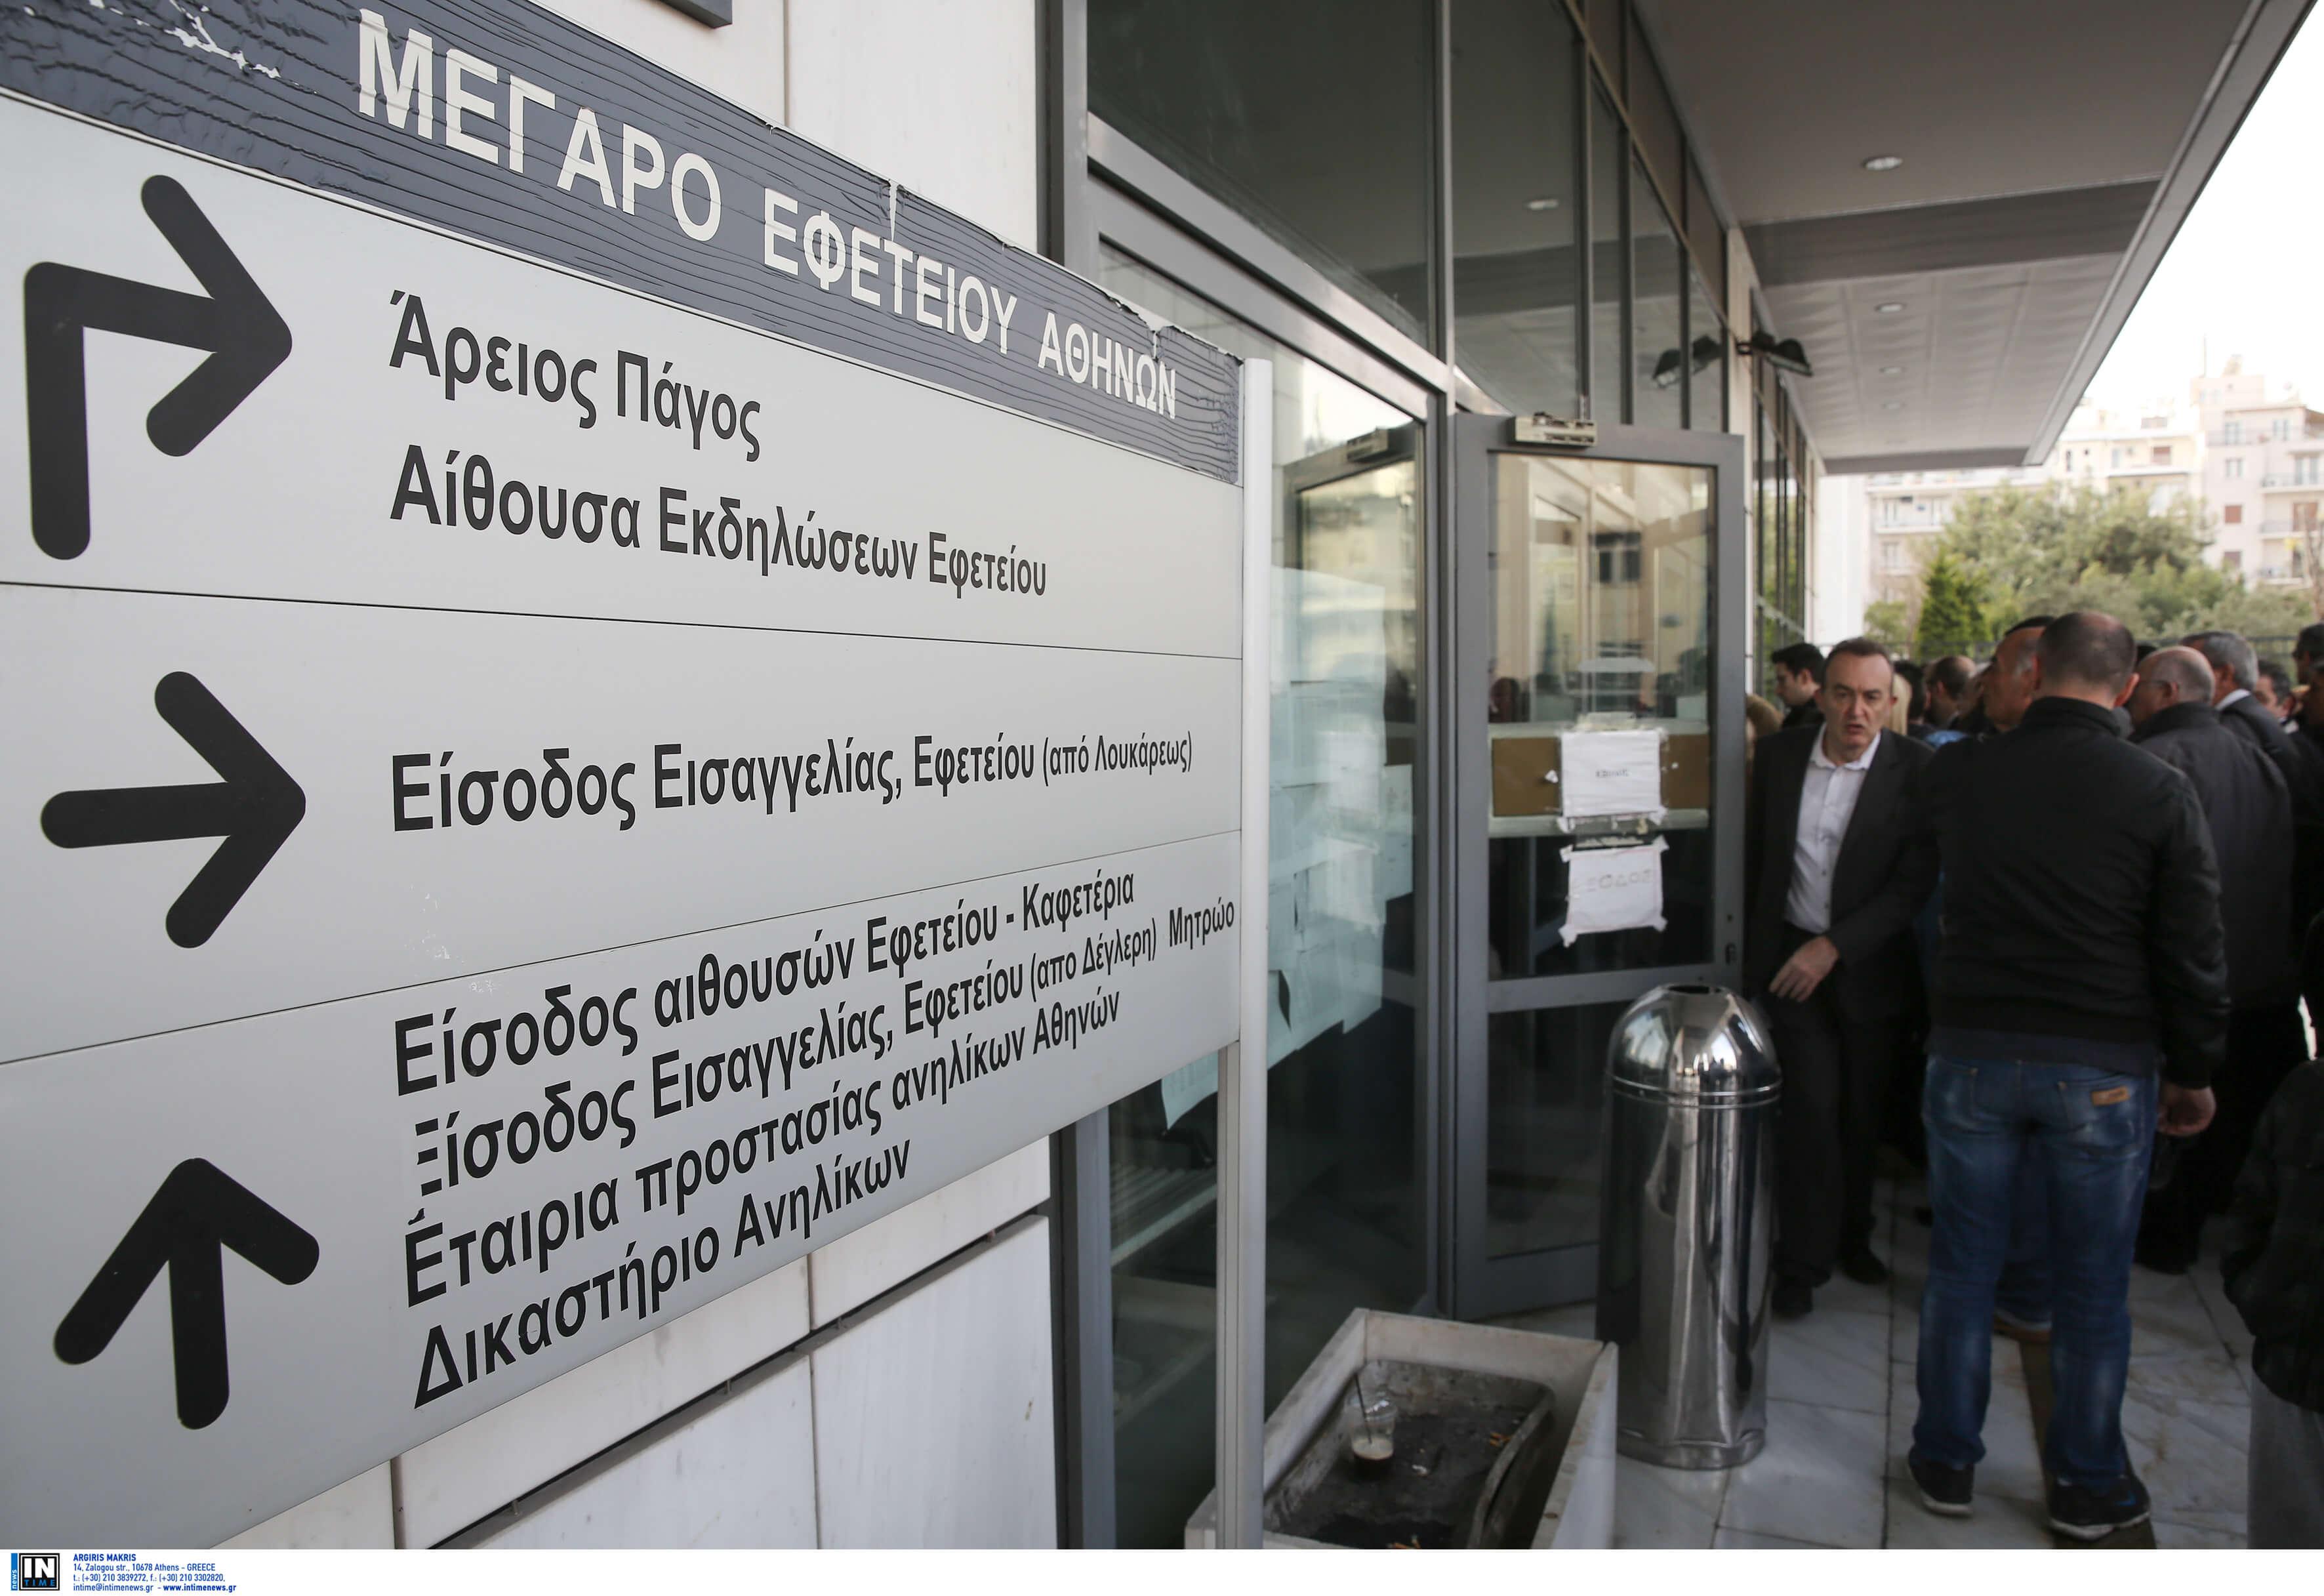 Δίκη Siemens: 69 εκατομμύρια ευρώ η ζημιά του ελληνικού δημοσίου